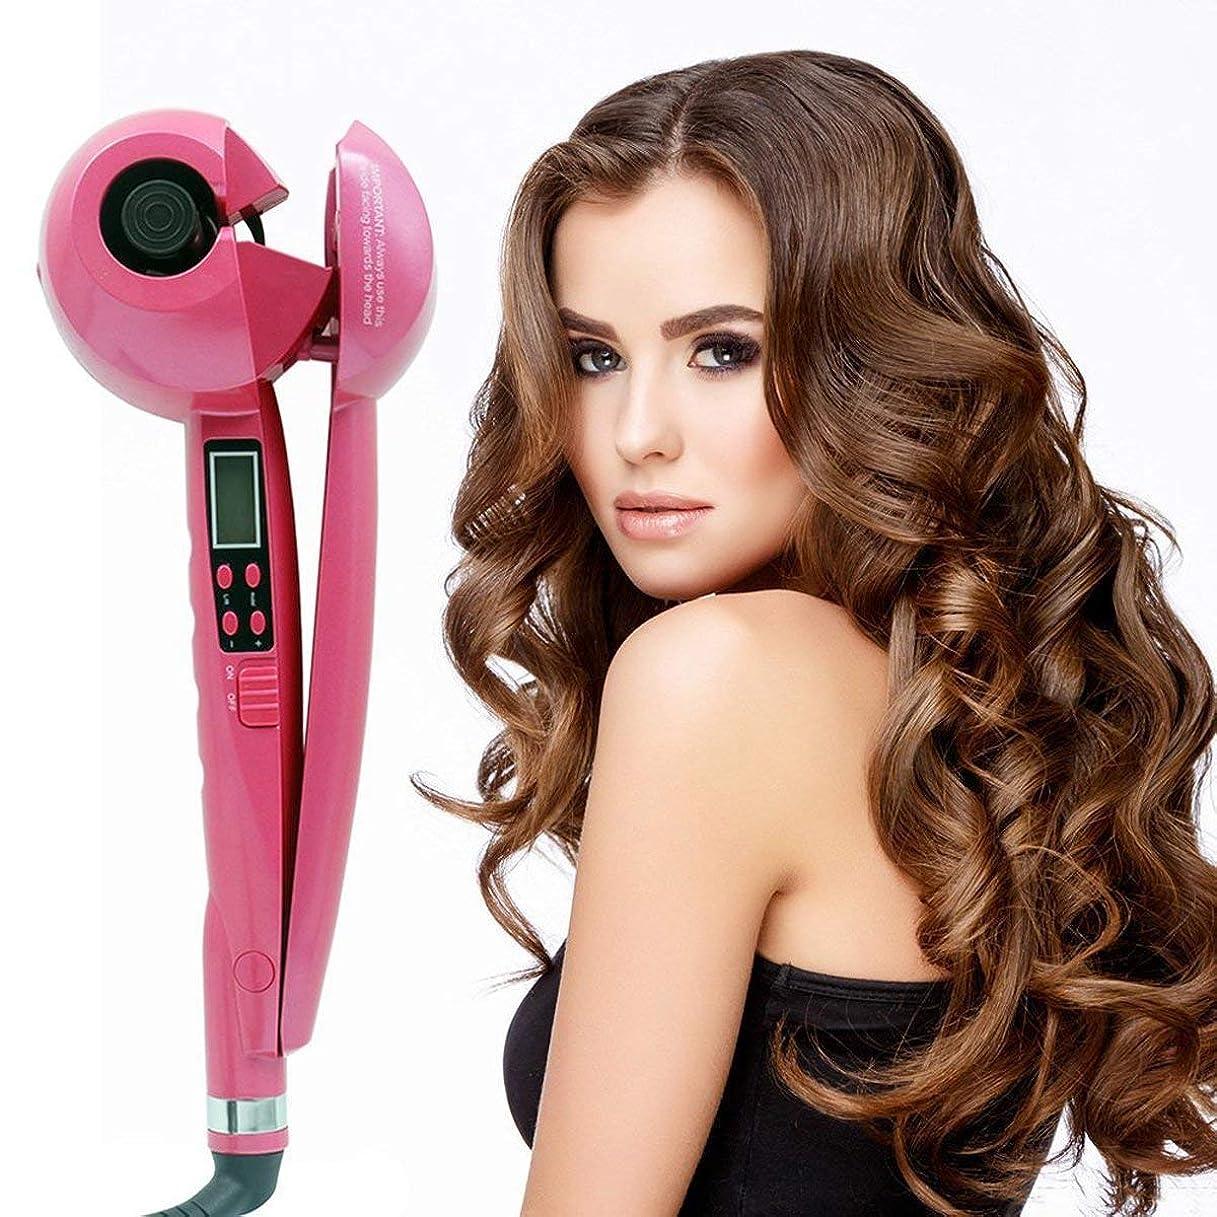 発症添加剤マントルマジックヘアカーラーカーリングワンドすべてのヘアタイプの時間/温度/カーリング方向の設定でセラミック自動カーリングアイアンマシン,Pink